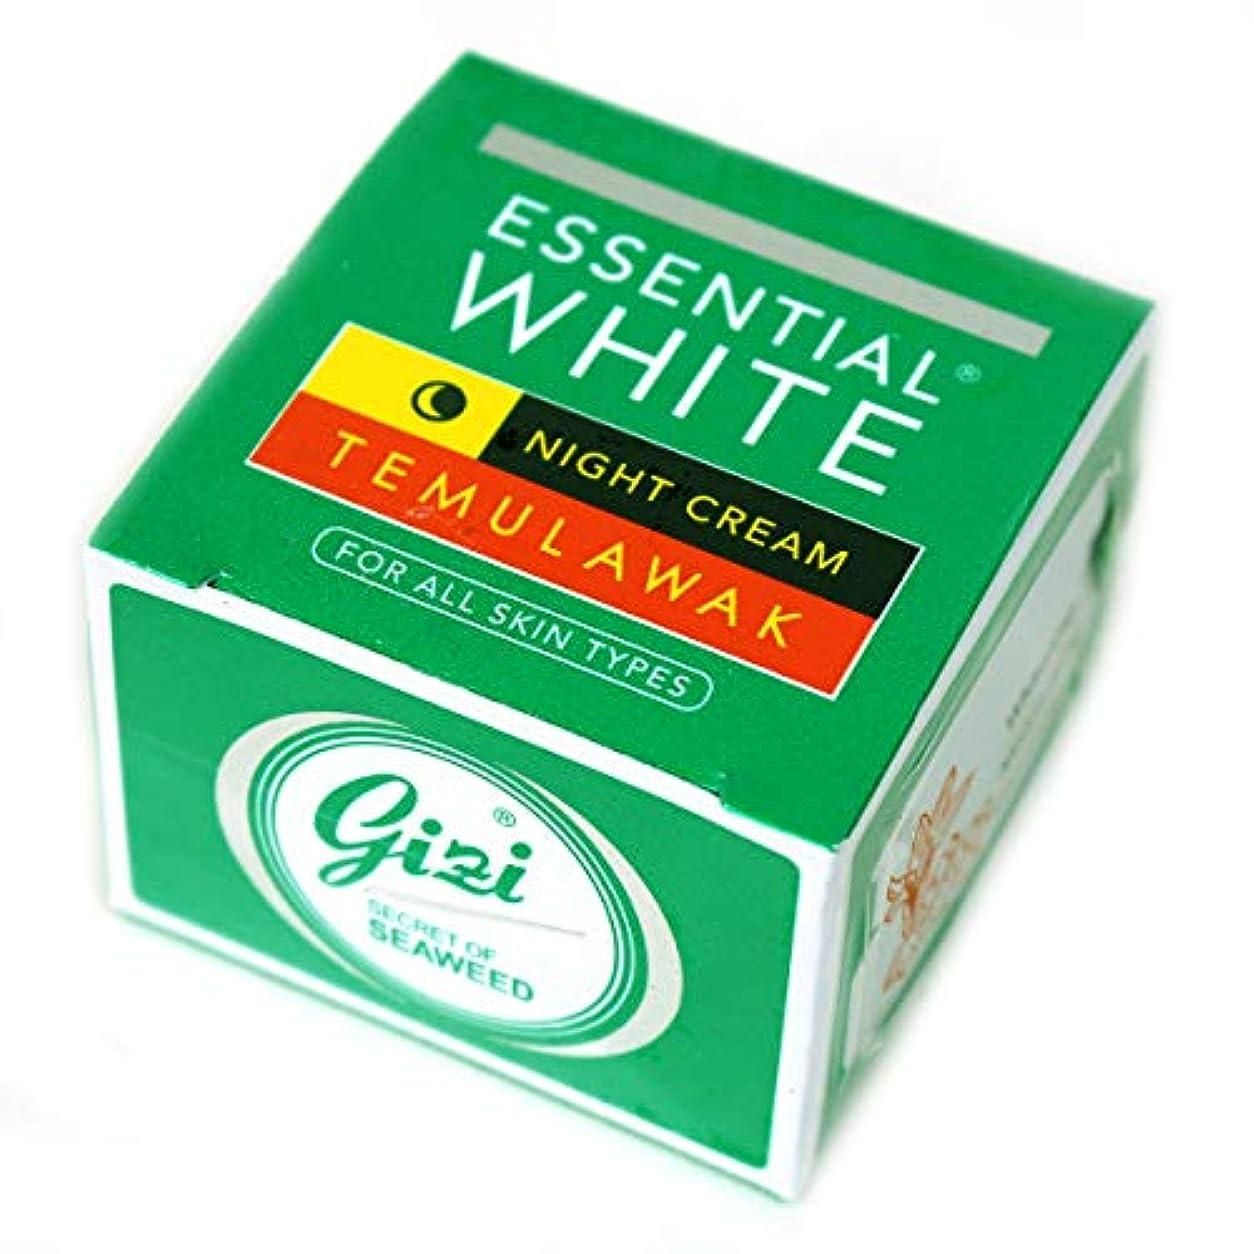 テンポ解明する正しいギジ gizi Essential White ナイト用スキンケアクリーム ボトルタイプ 9g テムラワク ウコン など天然成分配合 [海外直送品]